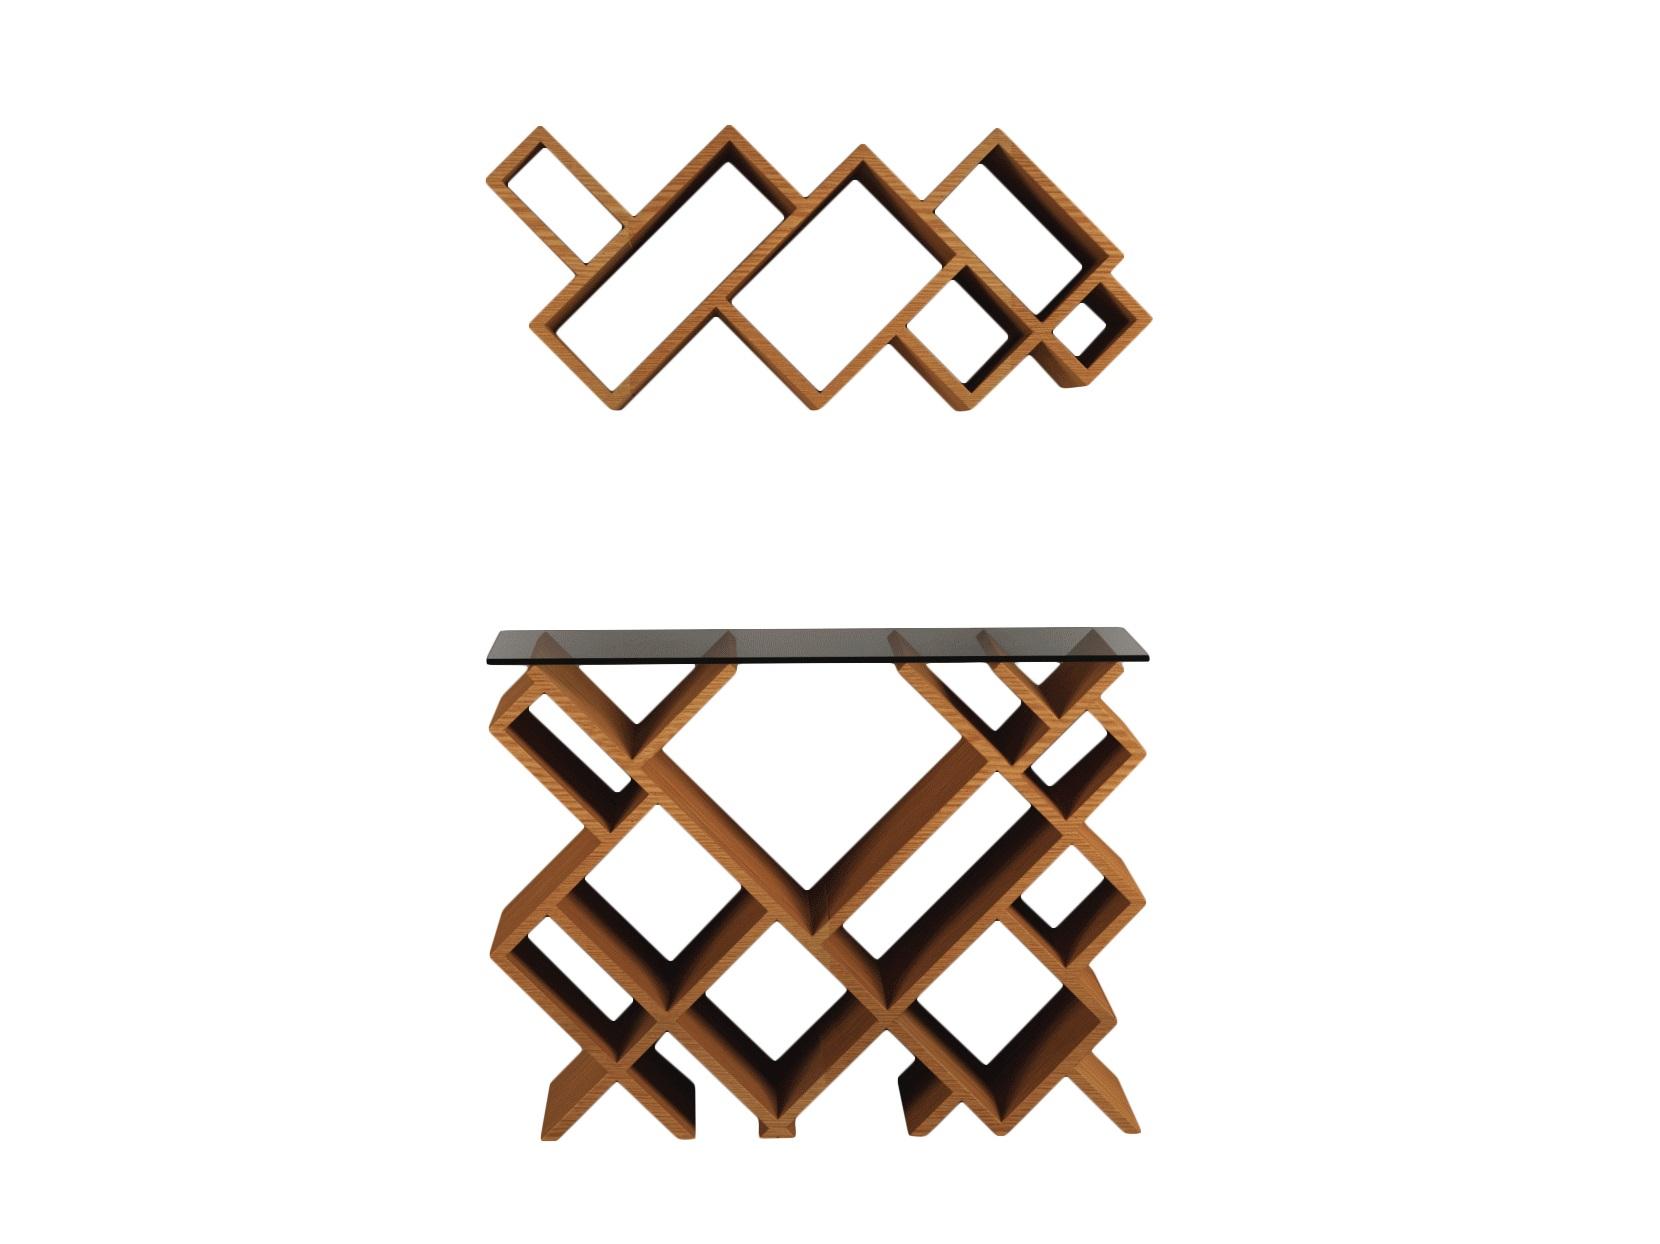 Комплект ГеометрияНеглубокие консоли<br>Необычные, современные полка и столик преобразят ваш интерьер!&amp;amp;nbsp;&amp;lt;div&amp;gt;&amp;lt;br&amp;gt;&amp;lt;/div&amp;gt;&amp;lt;div&amp;gt;Материал: МДФ, шпон&amp;lt;/div&amp;gt;&amp;lt;div&amp;gt;Установка требуется&amp;amp;nbsp;&amp;lt;/div&amp;gt;&amp;lt;div&amp;gt;Размеры: верхняя часть - 85x 37x 24см;&amp;lt;/div&amp;gt;&amp;lt;div&amp;gt;Нижняя часть - 85x67x24см&amp;lt;/div&amp;gt;<br><br>Material: МДФ<br>Ширина см: 67<br>Высота см: 85<br>Глубина см: 24